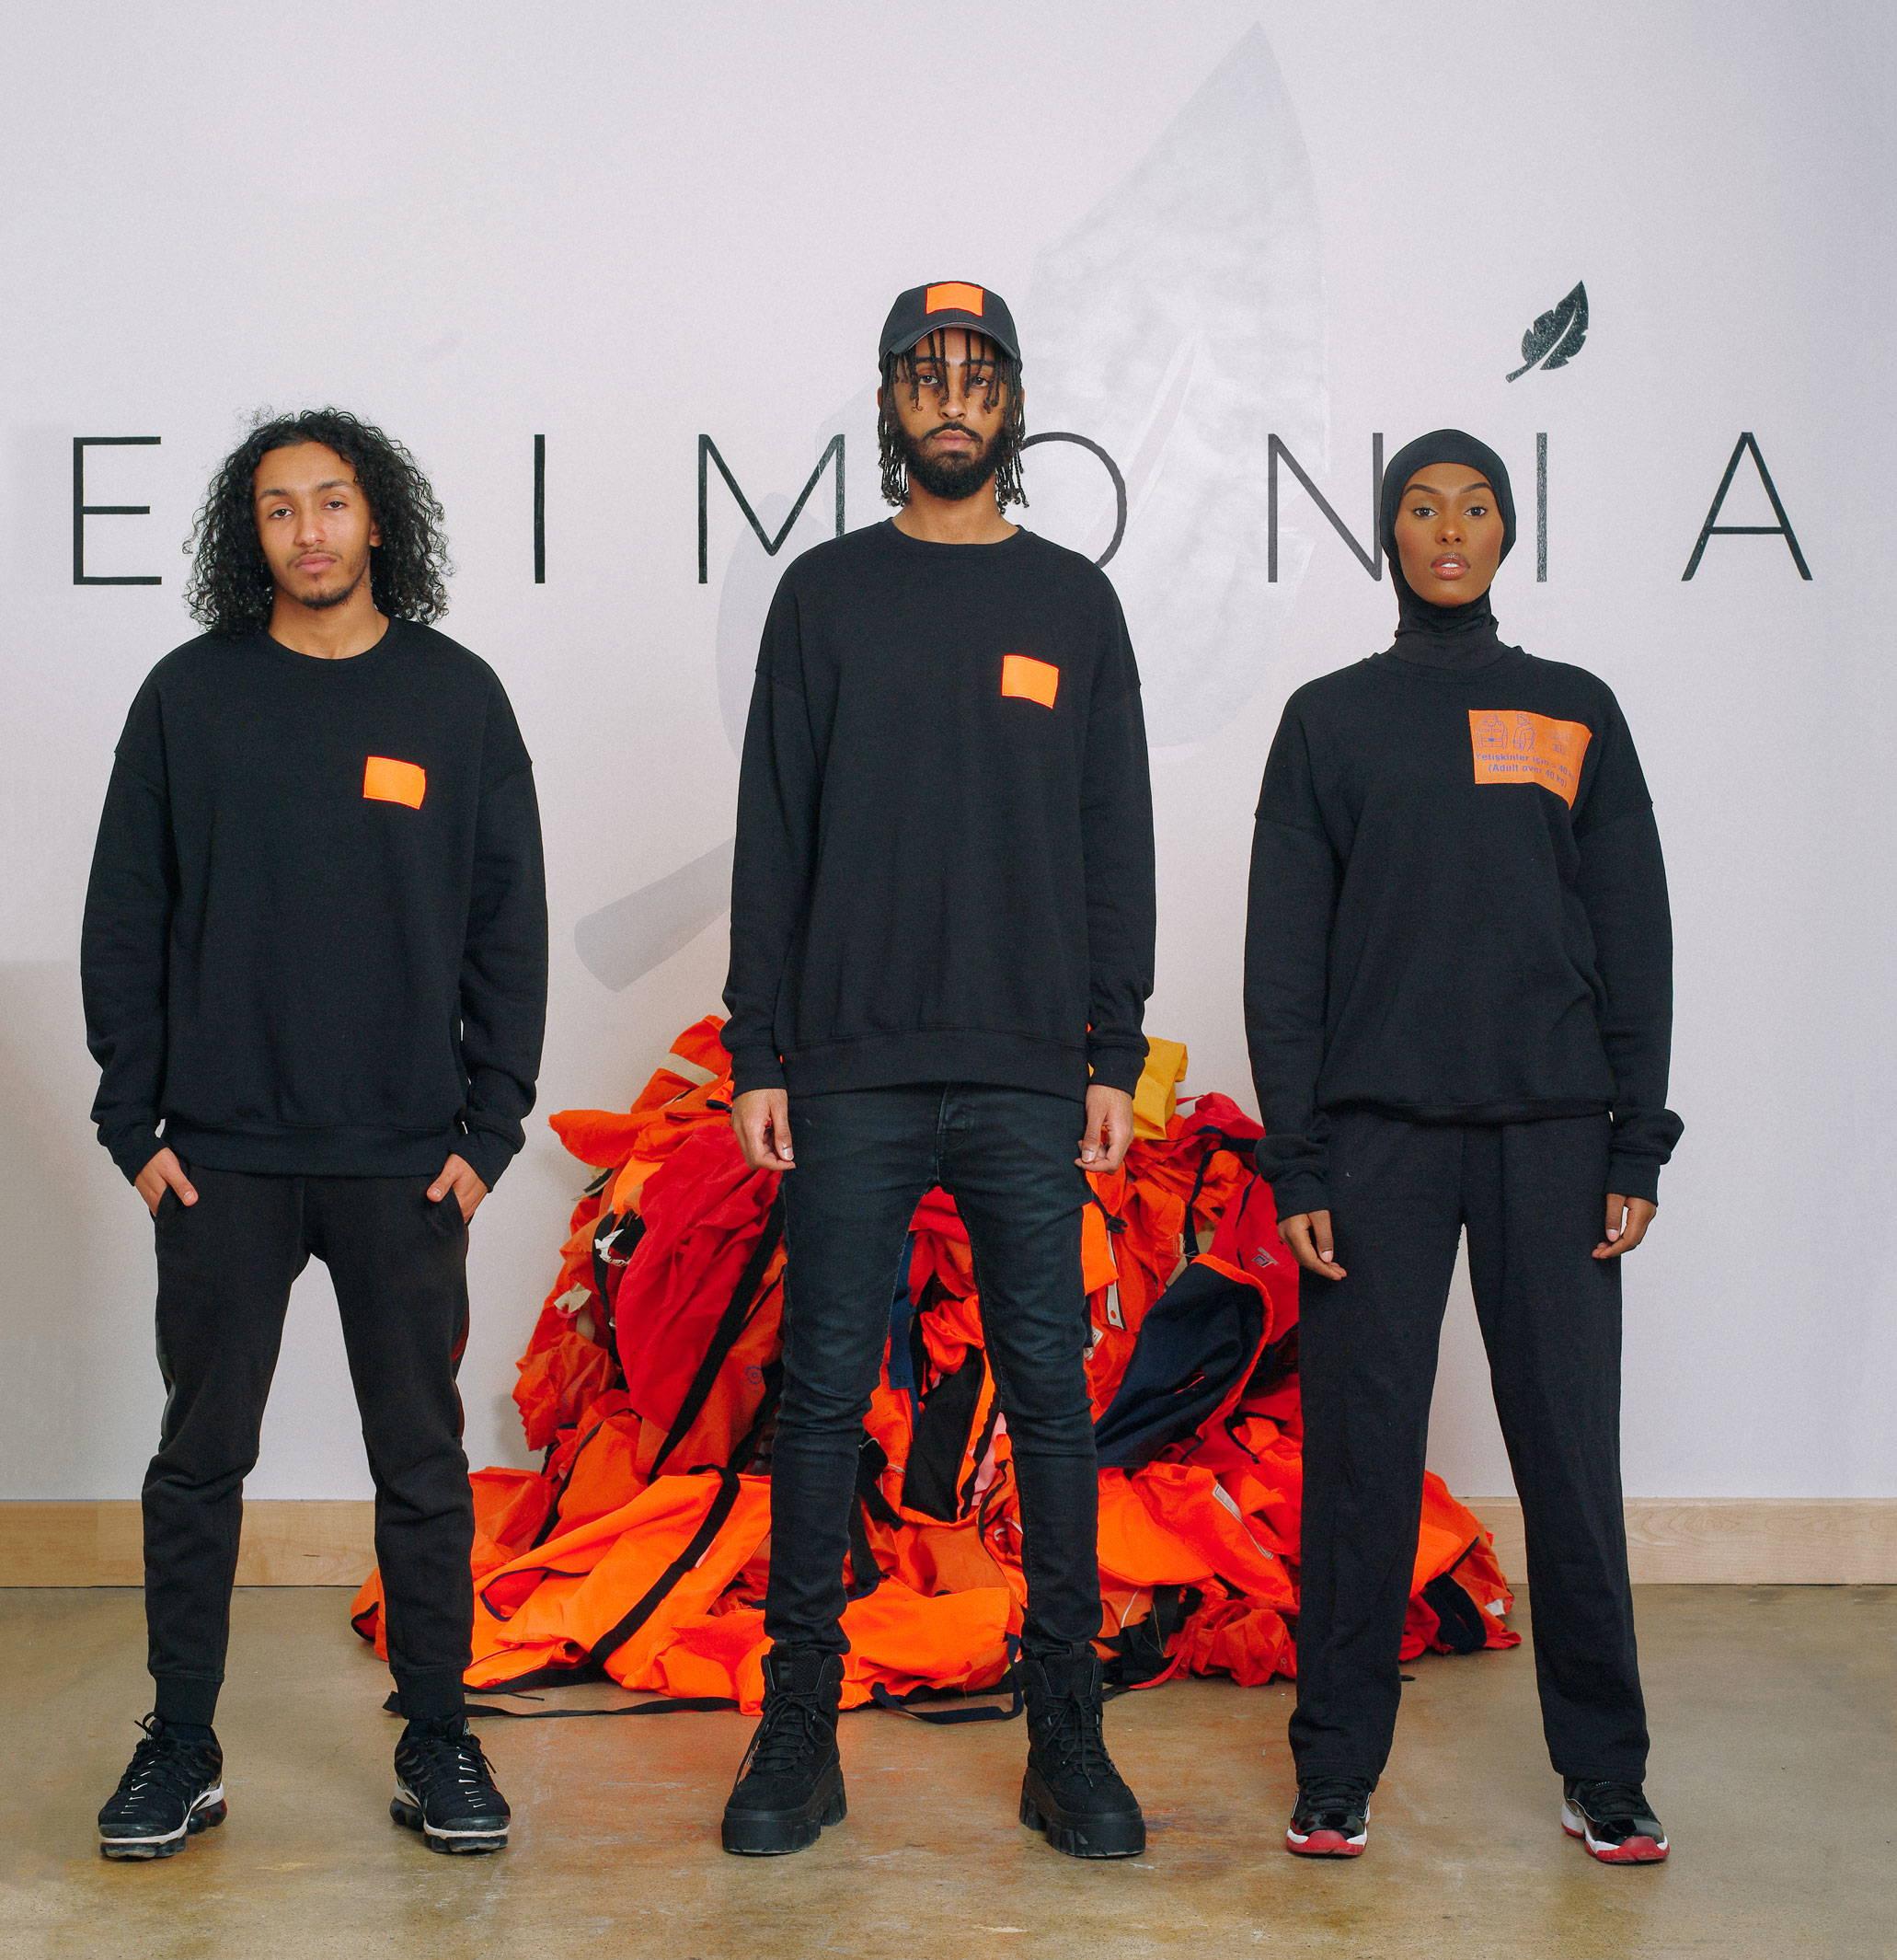 Refugee Models Wearing Epimonia Life Jacket Sweatshirts and Hats